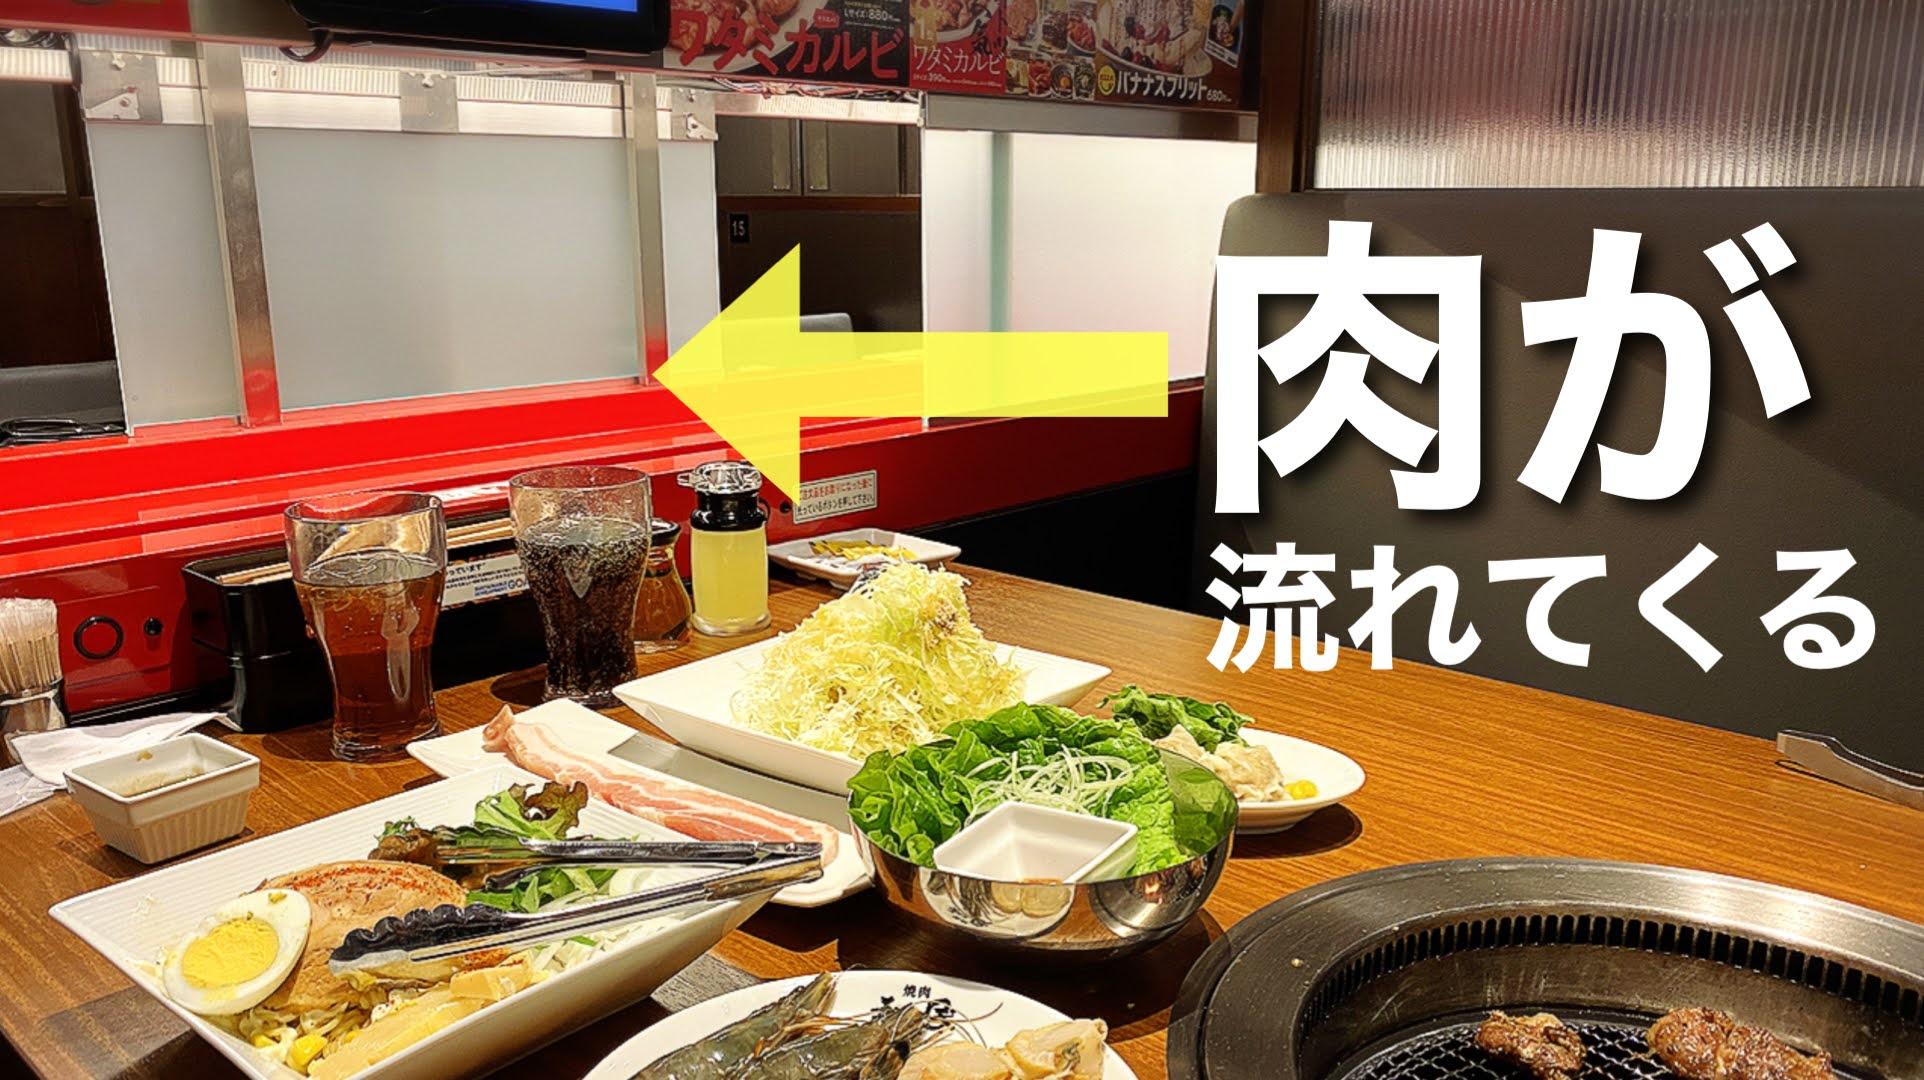 【新システム】特急レーン 焼肉の和民 食べ放題2880円~コース&メニュー紹介